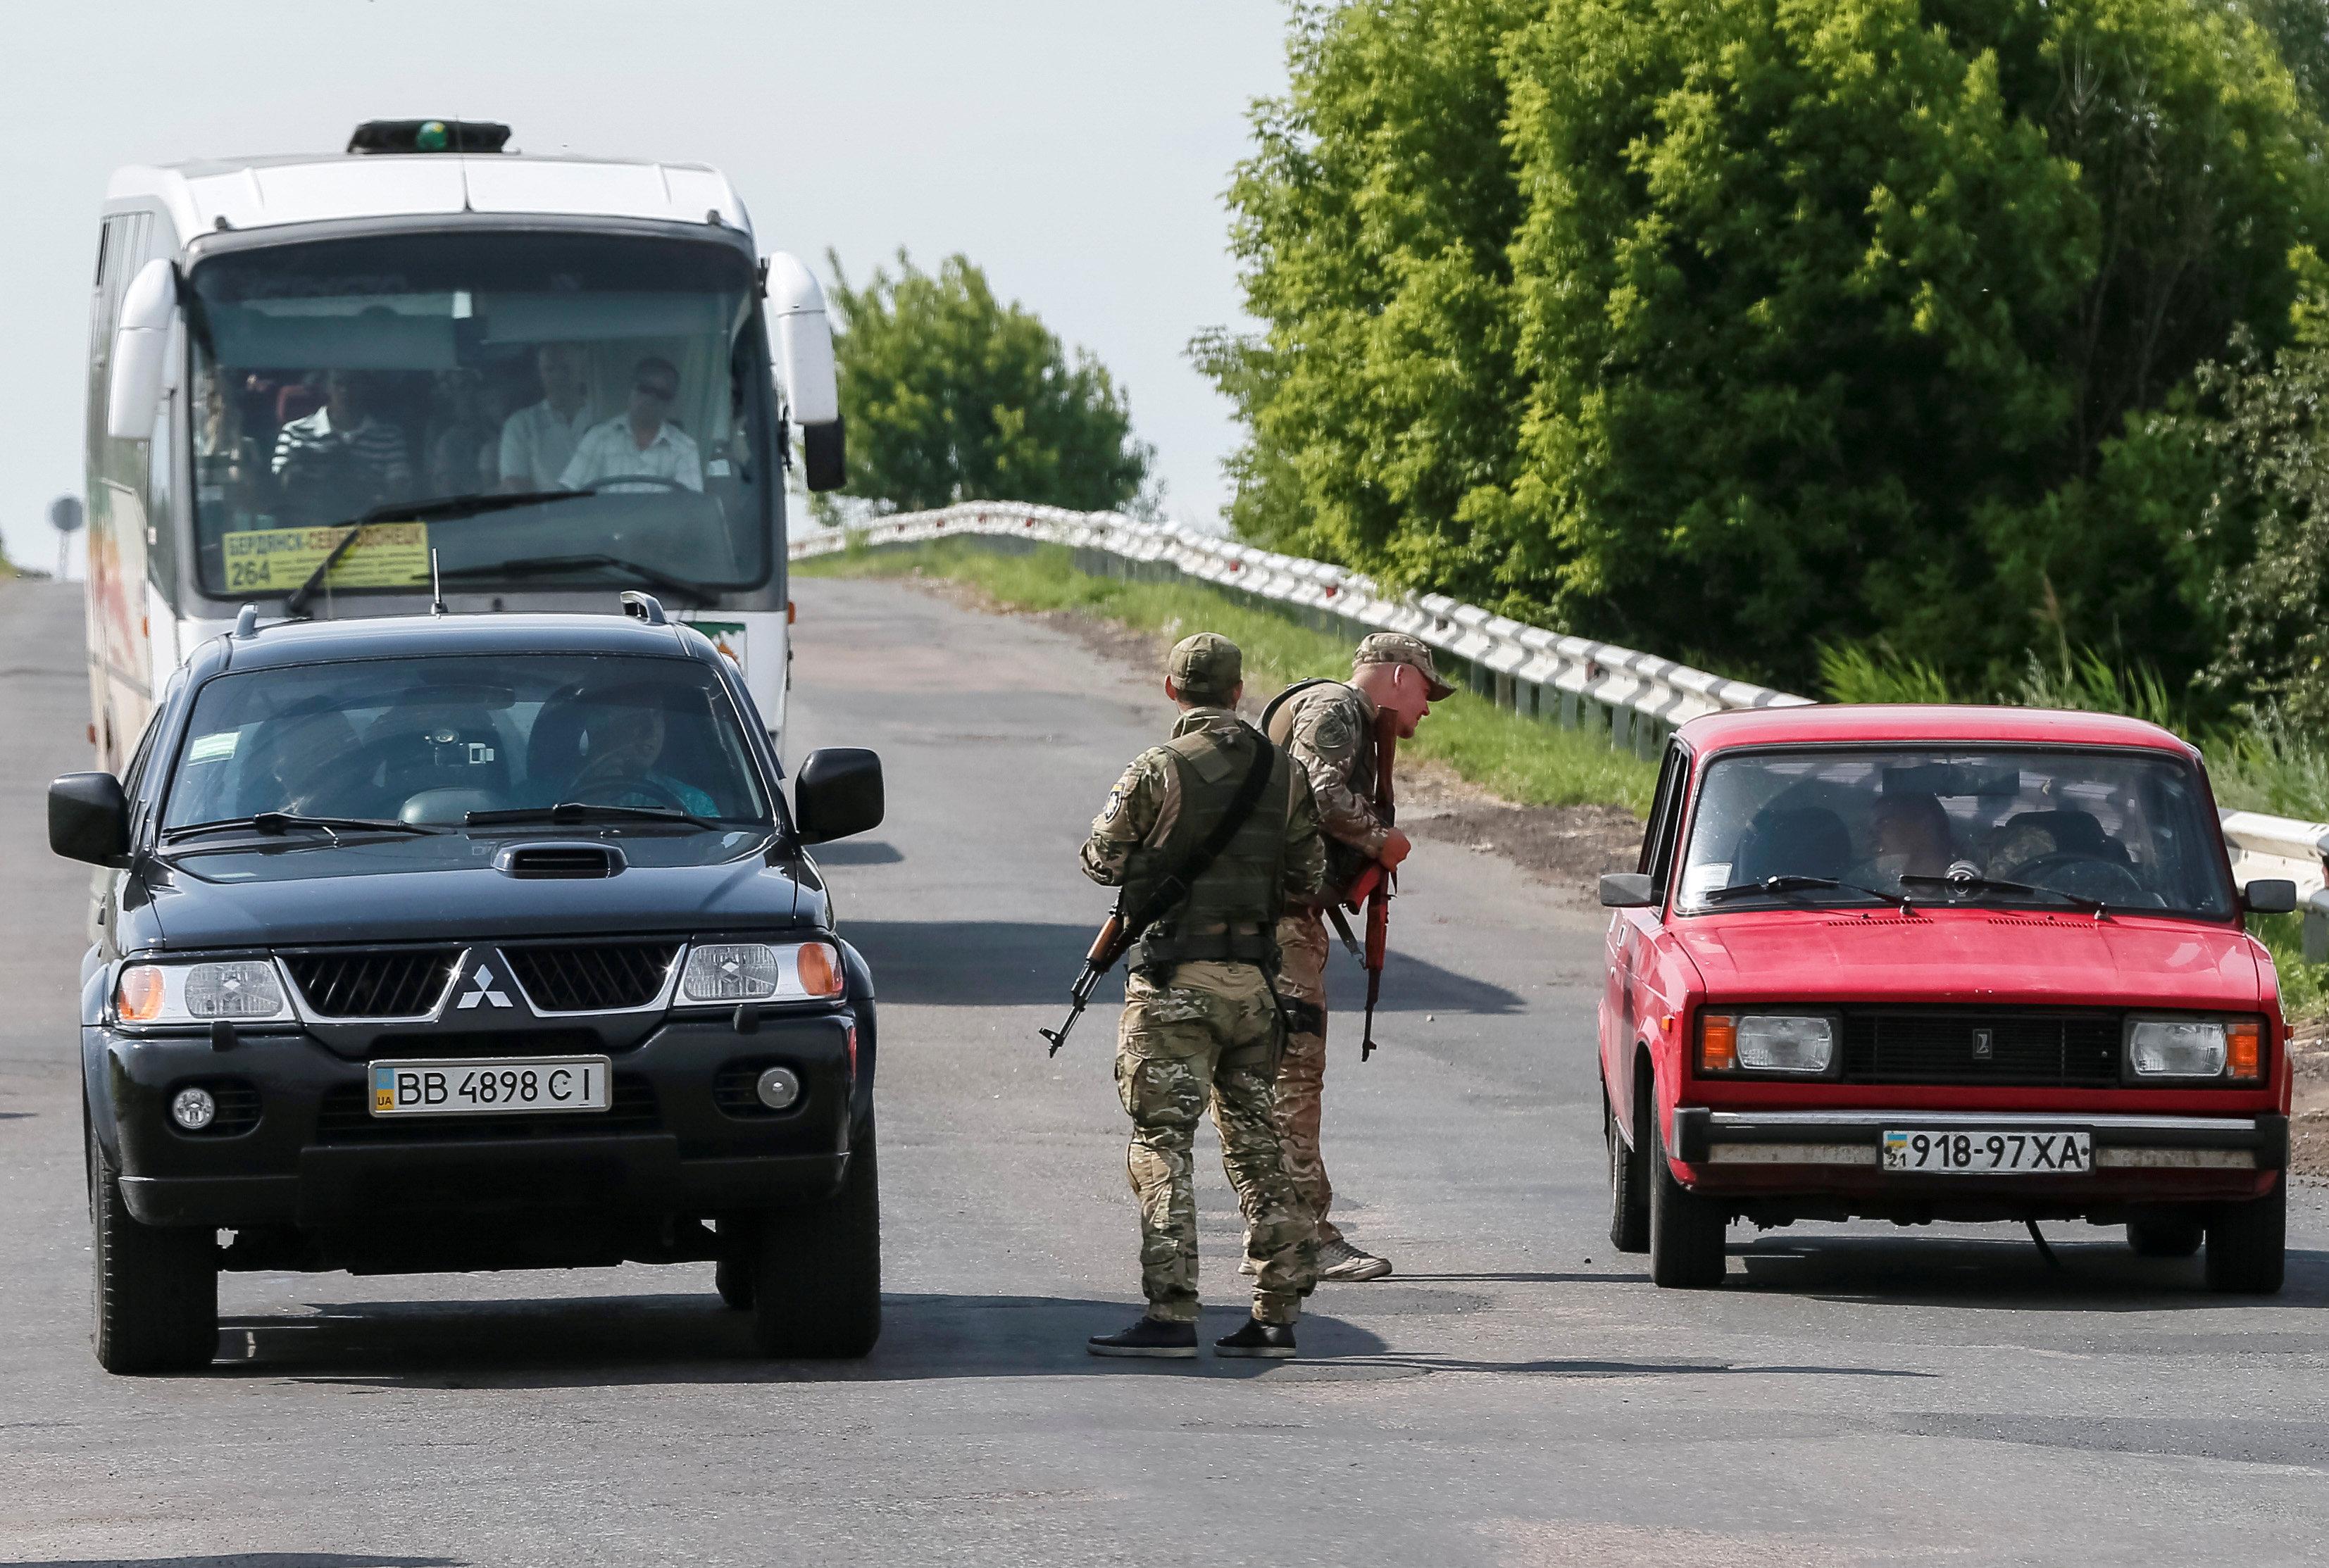 Все перевозки изоккупированного Донбасса вКрым являются нелегальными,